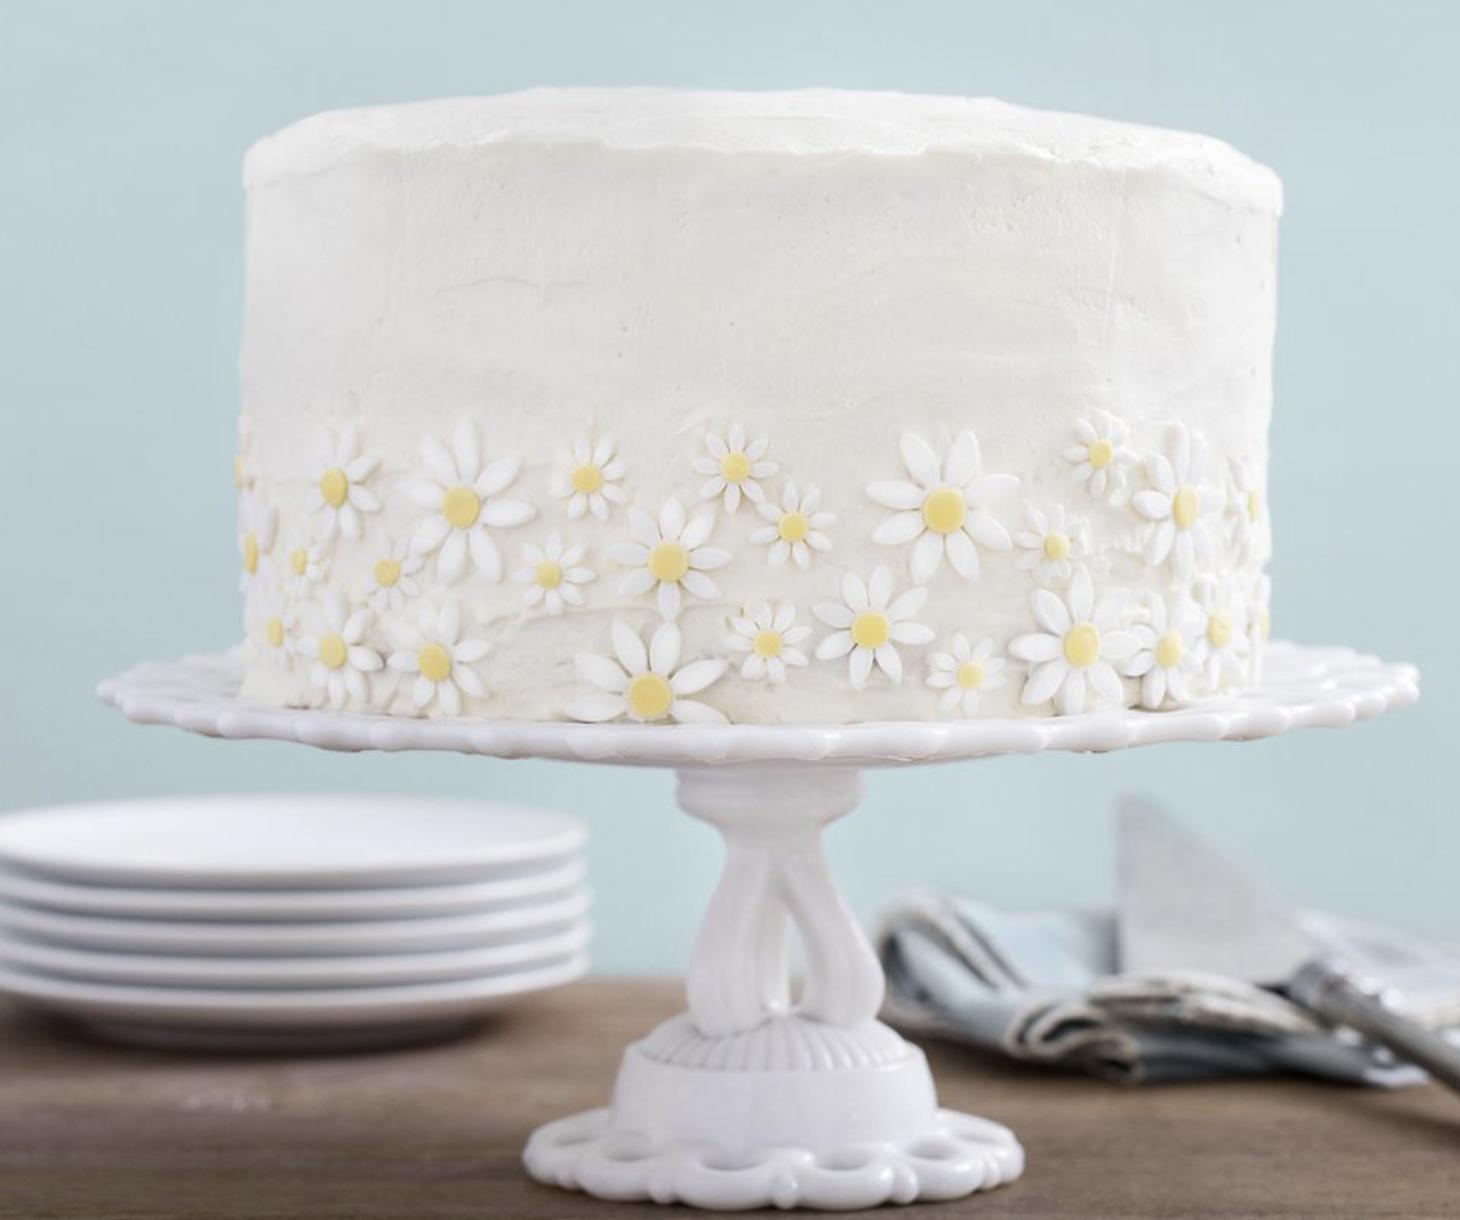 country living lemon-coconut cake